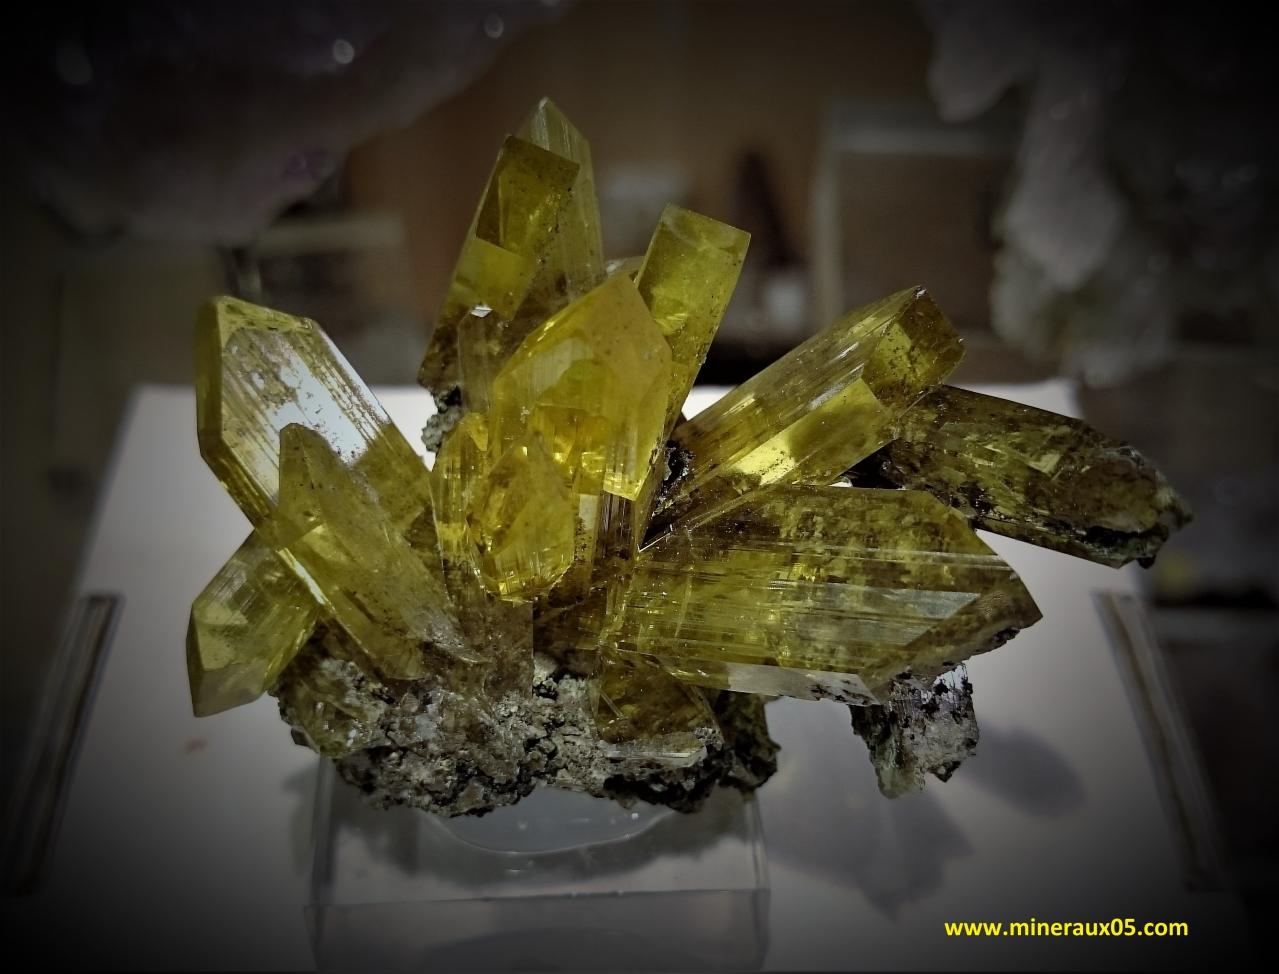 Les mineraux de mineraux05 - Salon mineraux sainte marie aux mines ...